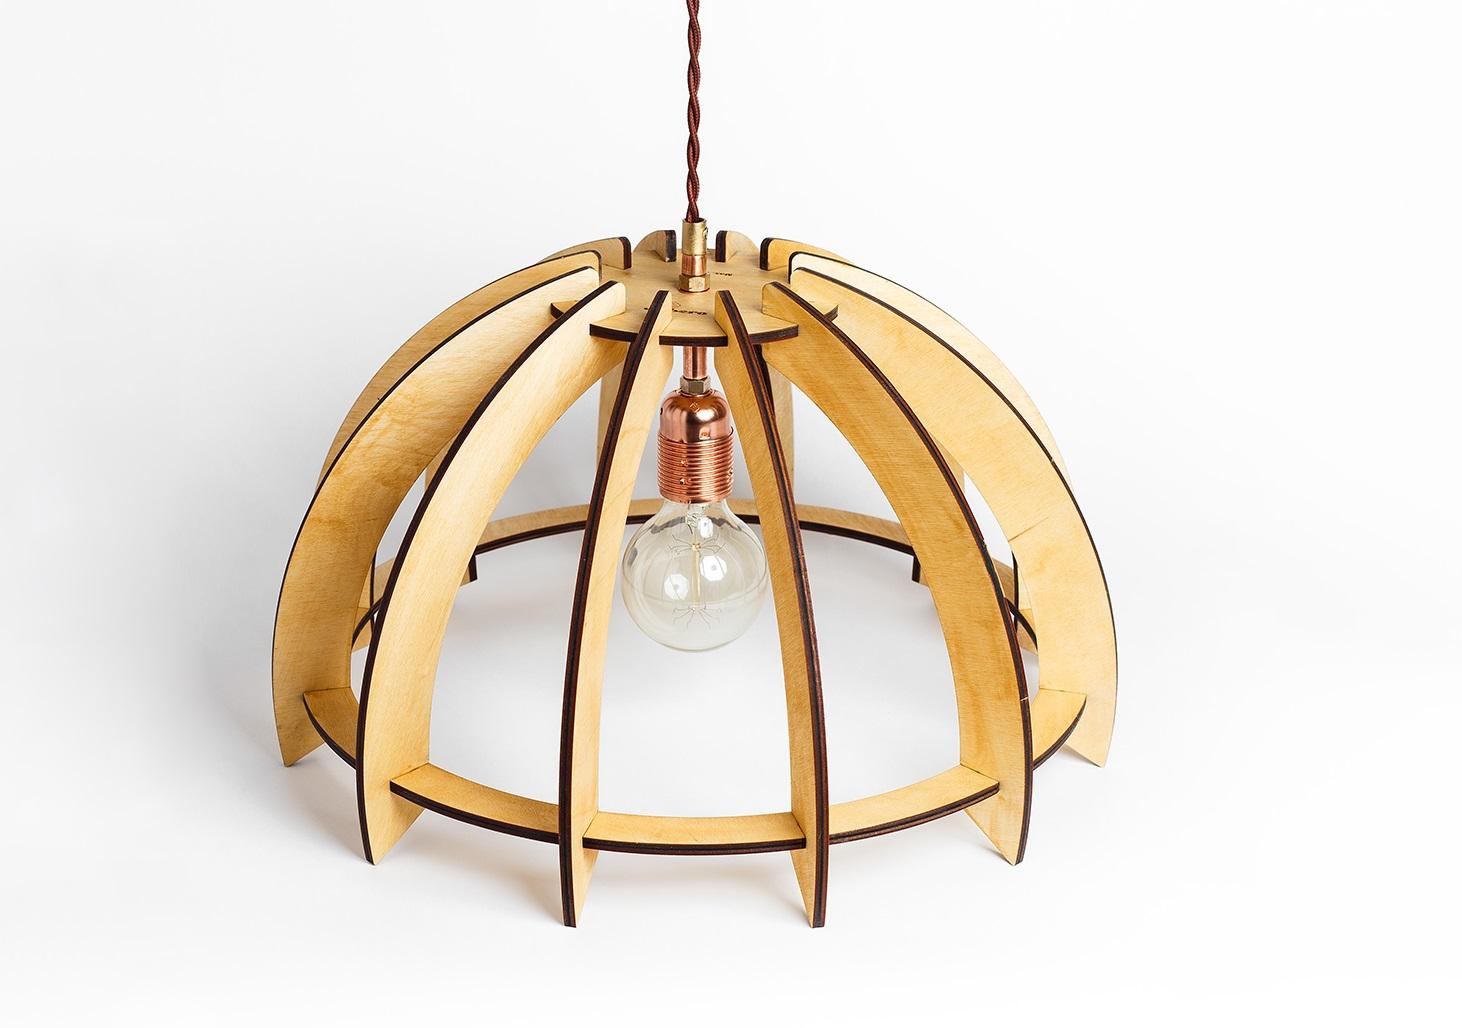 Деревянный светильник ЗонтикПодвесные светильники<br>Деревянная люстра в стиле Лофт. Возможно изготовление в двух цветах - натуральный ( покрытый лаком ) и темный ( мореный ) <br>Вид цоколя: E27<br>Мощность: 60W<br>Количество ламп: 1 (нет в комплекте)<br><br><br>kit: None<br>gender: None